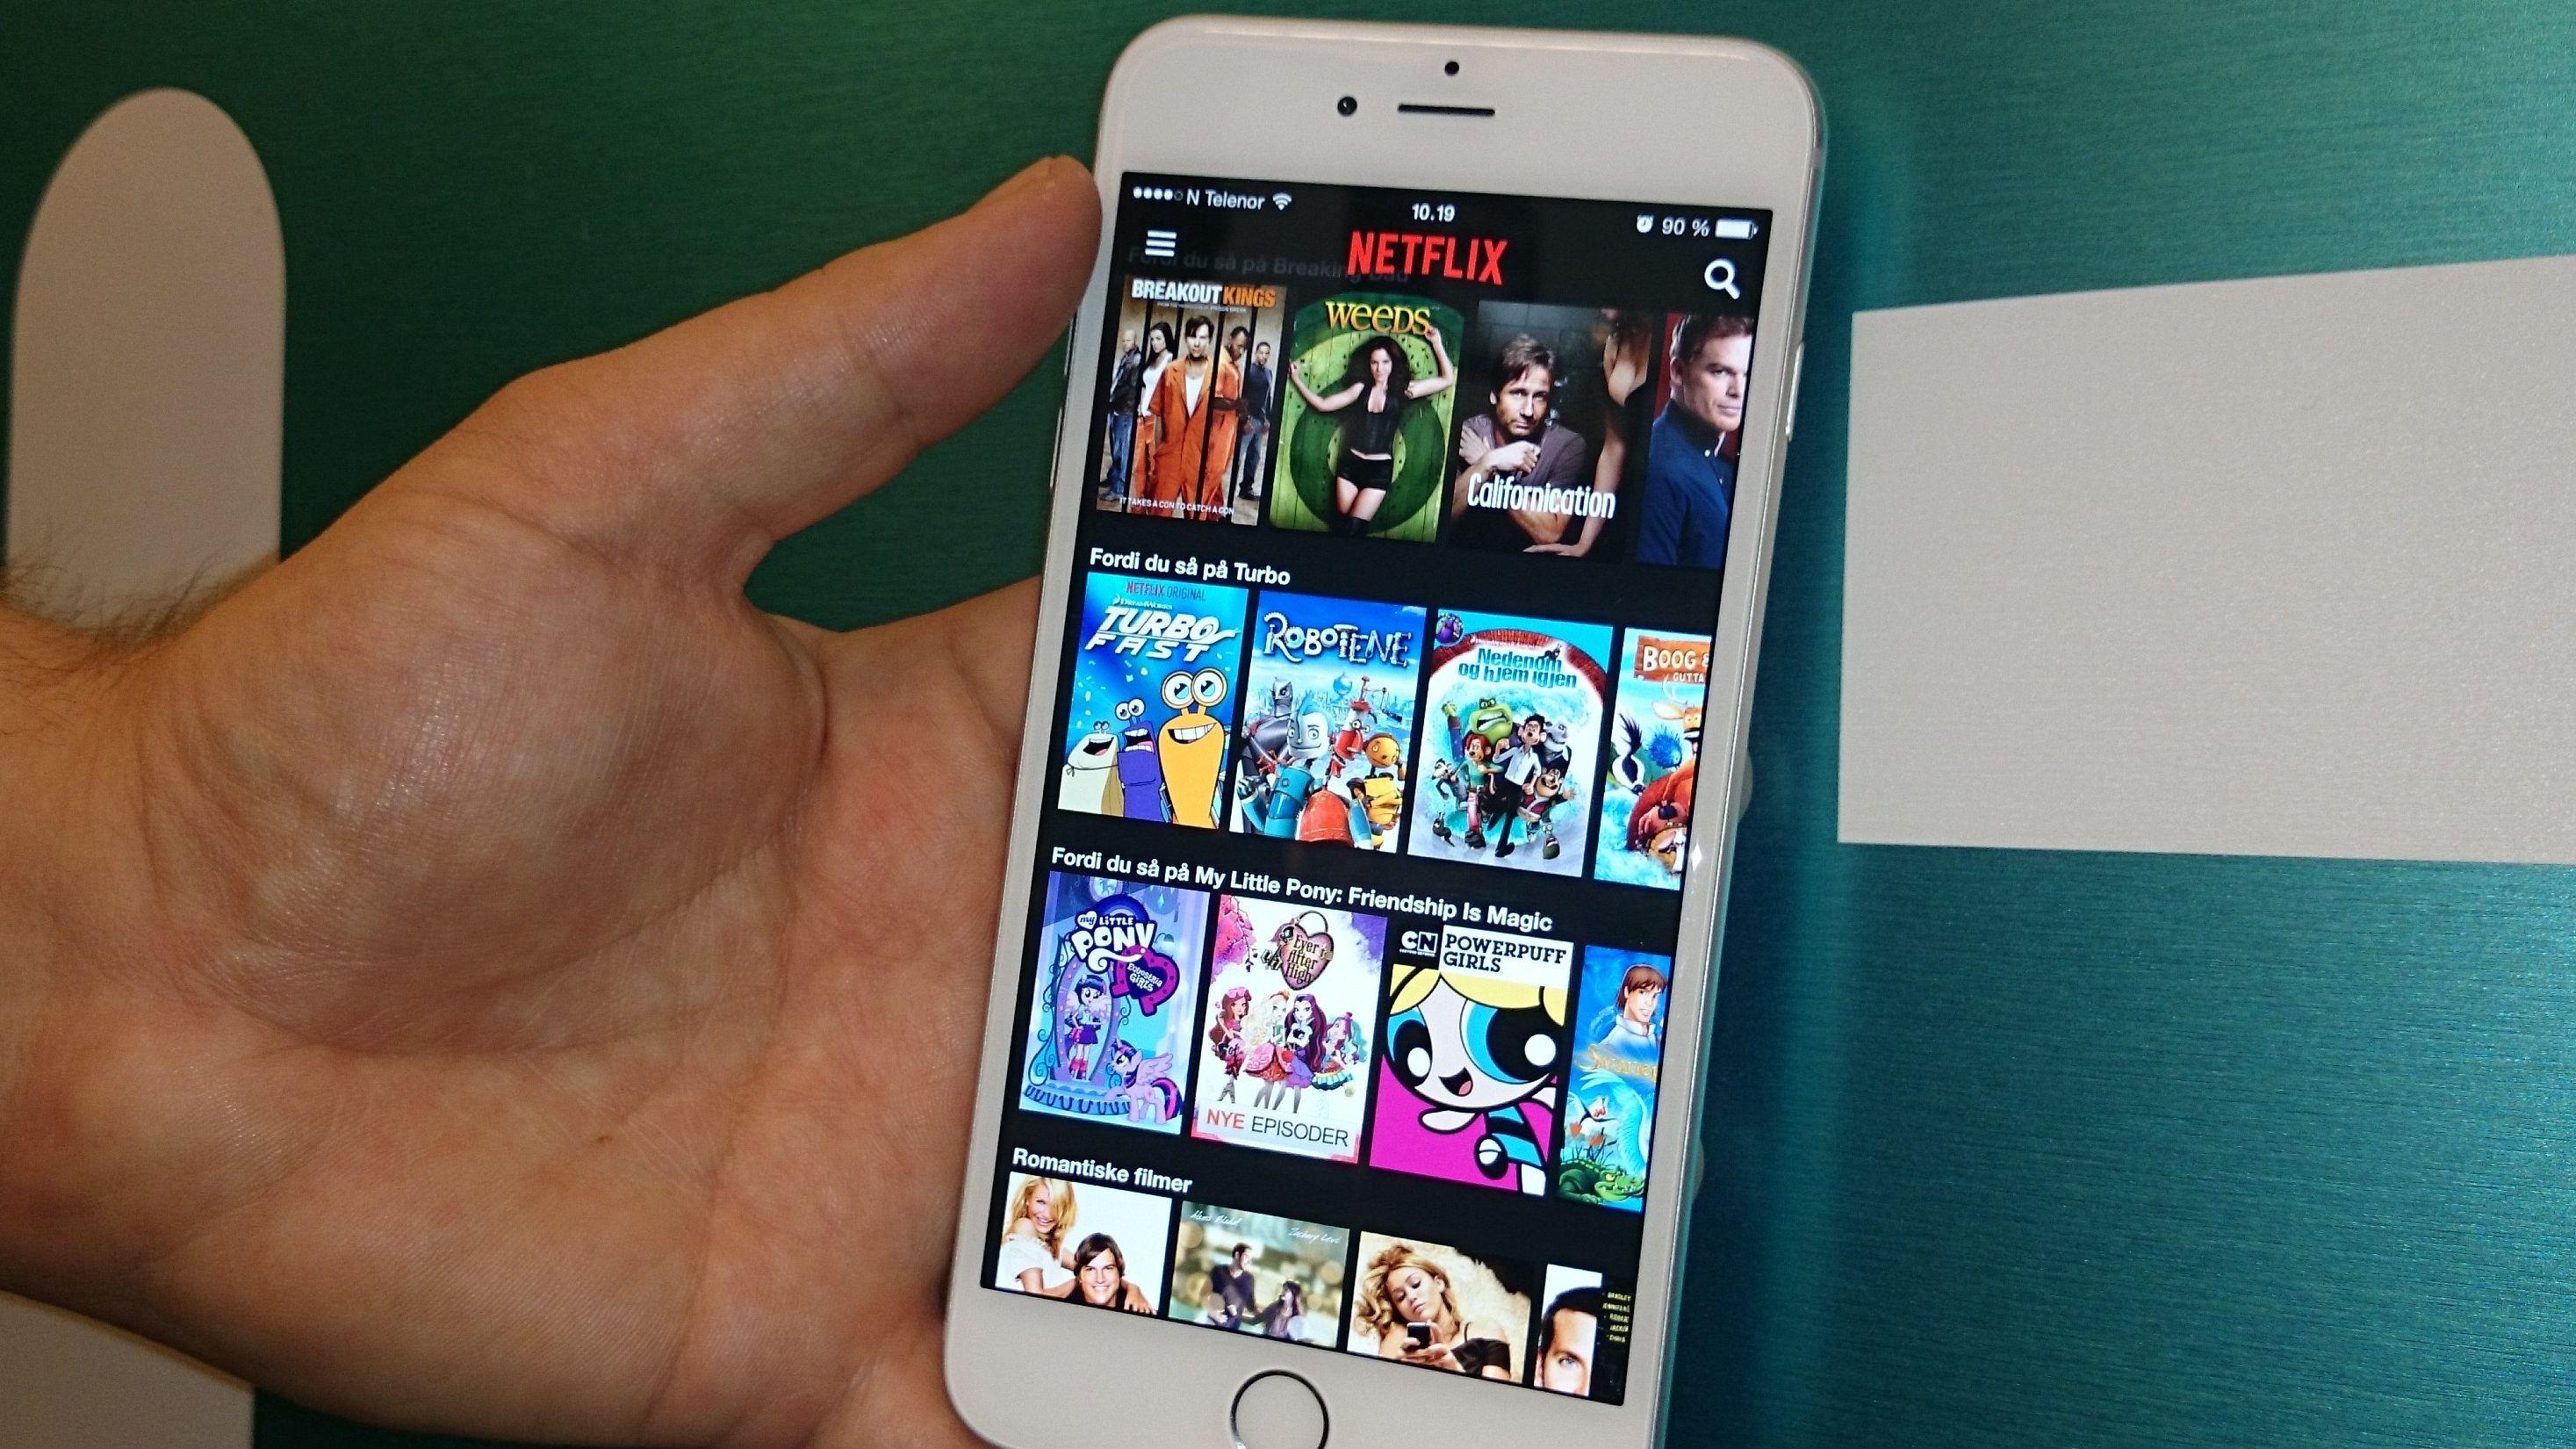 Nå kan du strømme Netflix i full HD på iPhone 6 Plus